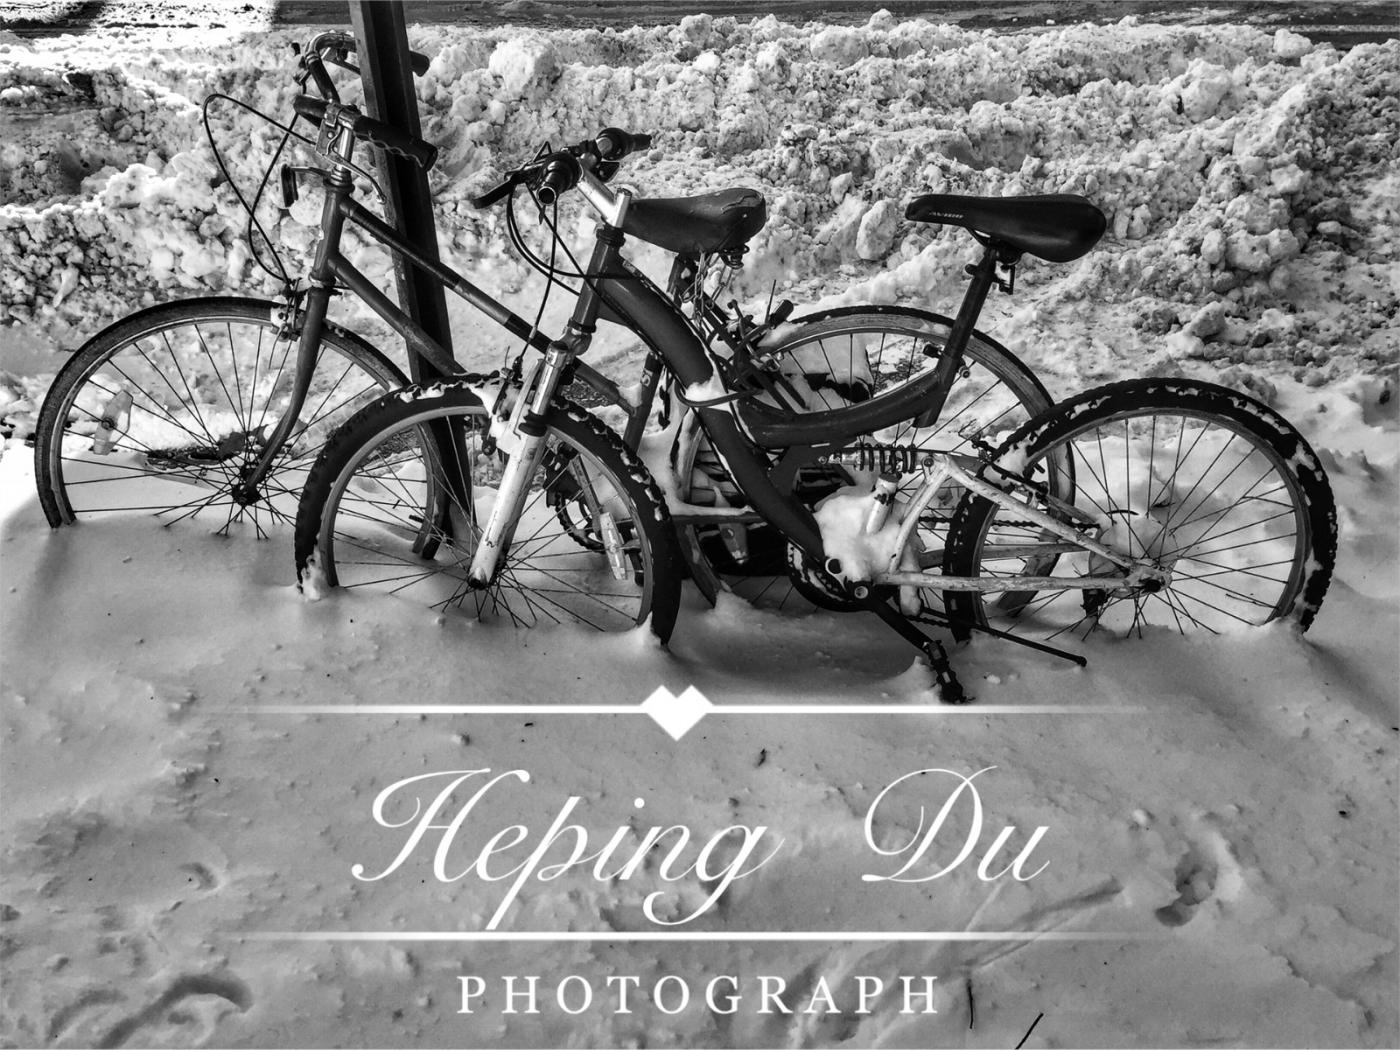 【盲流摄影】2018年1月手机摄影_图1-9